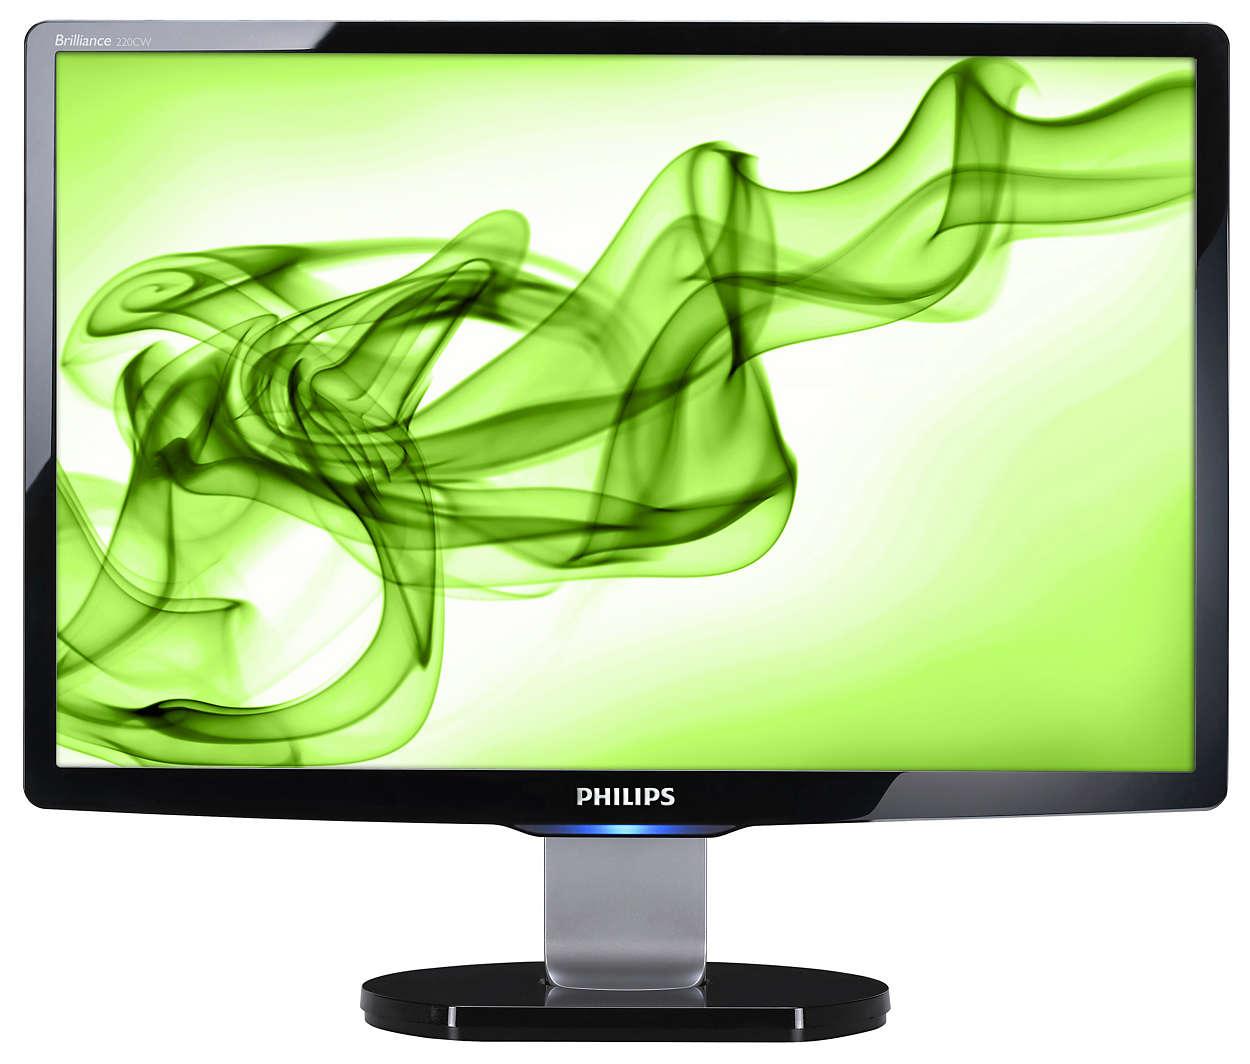 適用於家庭電腦娛樂的大型時尚闊熒幕